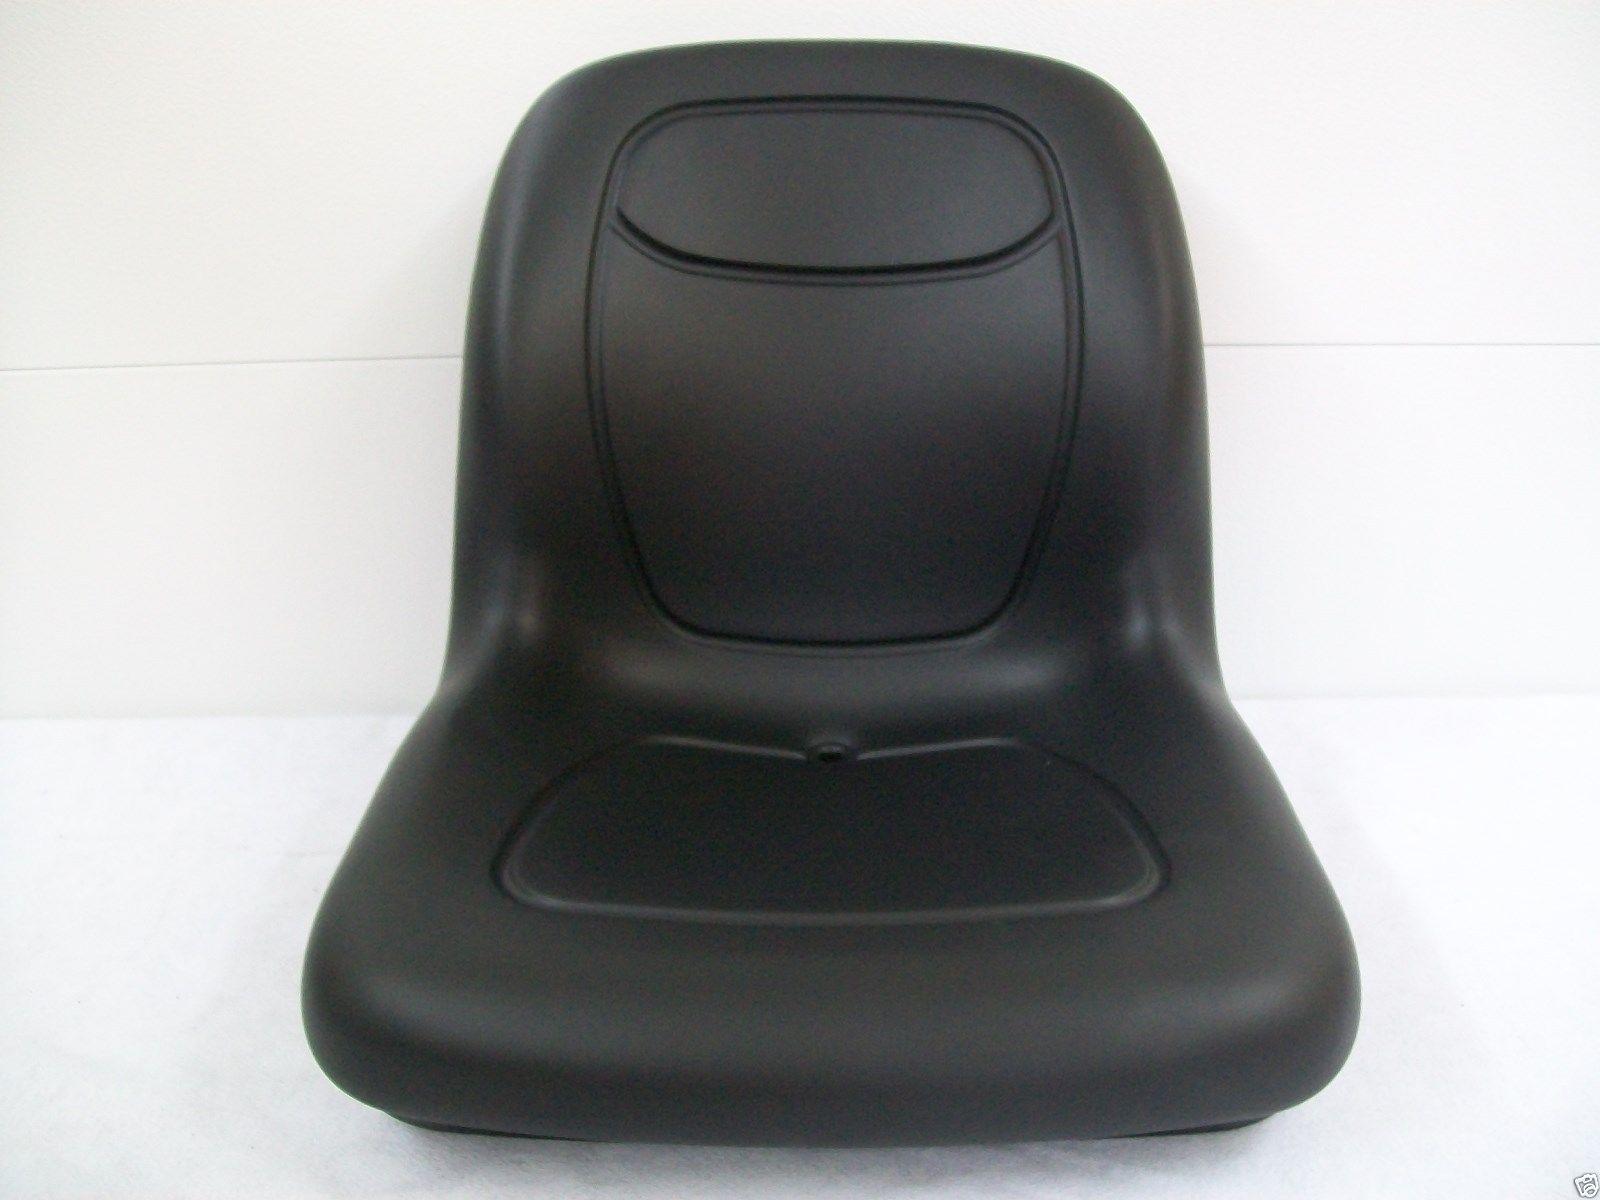 Kubota L3400 Wiring Diagram Pdf Image Gl6500s Black Seat Fit L Mx L2800l3400l4400mx4700mx5100mx5000 Compact Tractor Gg